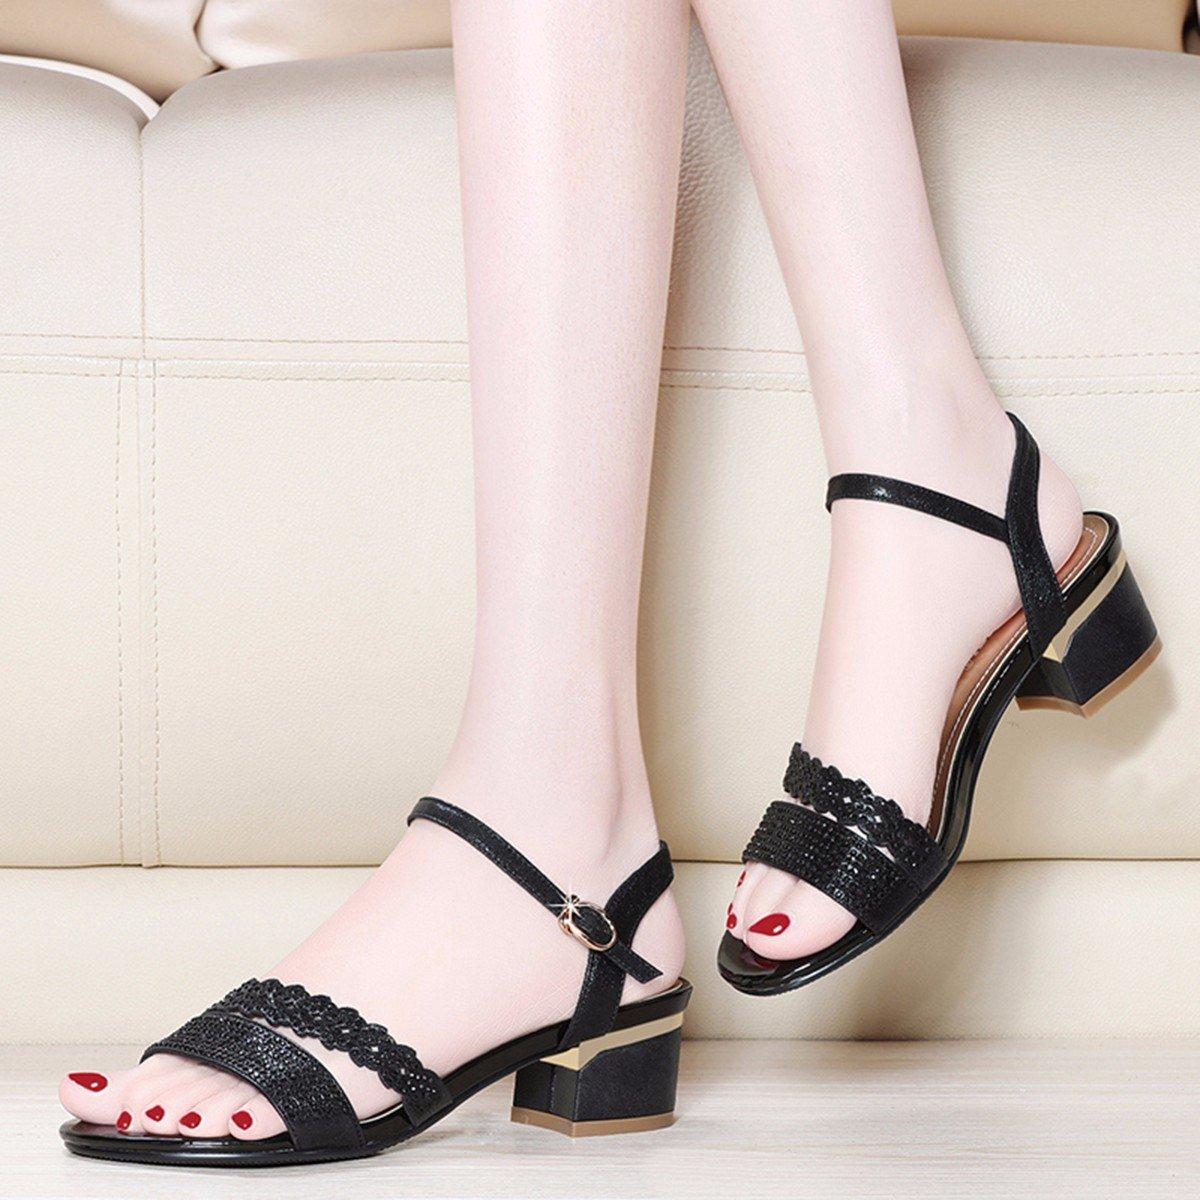 JRFBA-Schuhe JRFBA-Schuhe JRFBA-Schuhe Sommer - Koreanische Edition mit Dick und Bequem Sexy Hochhackigen Sandalen Damenschuhe  0d3ca3